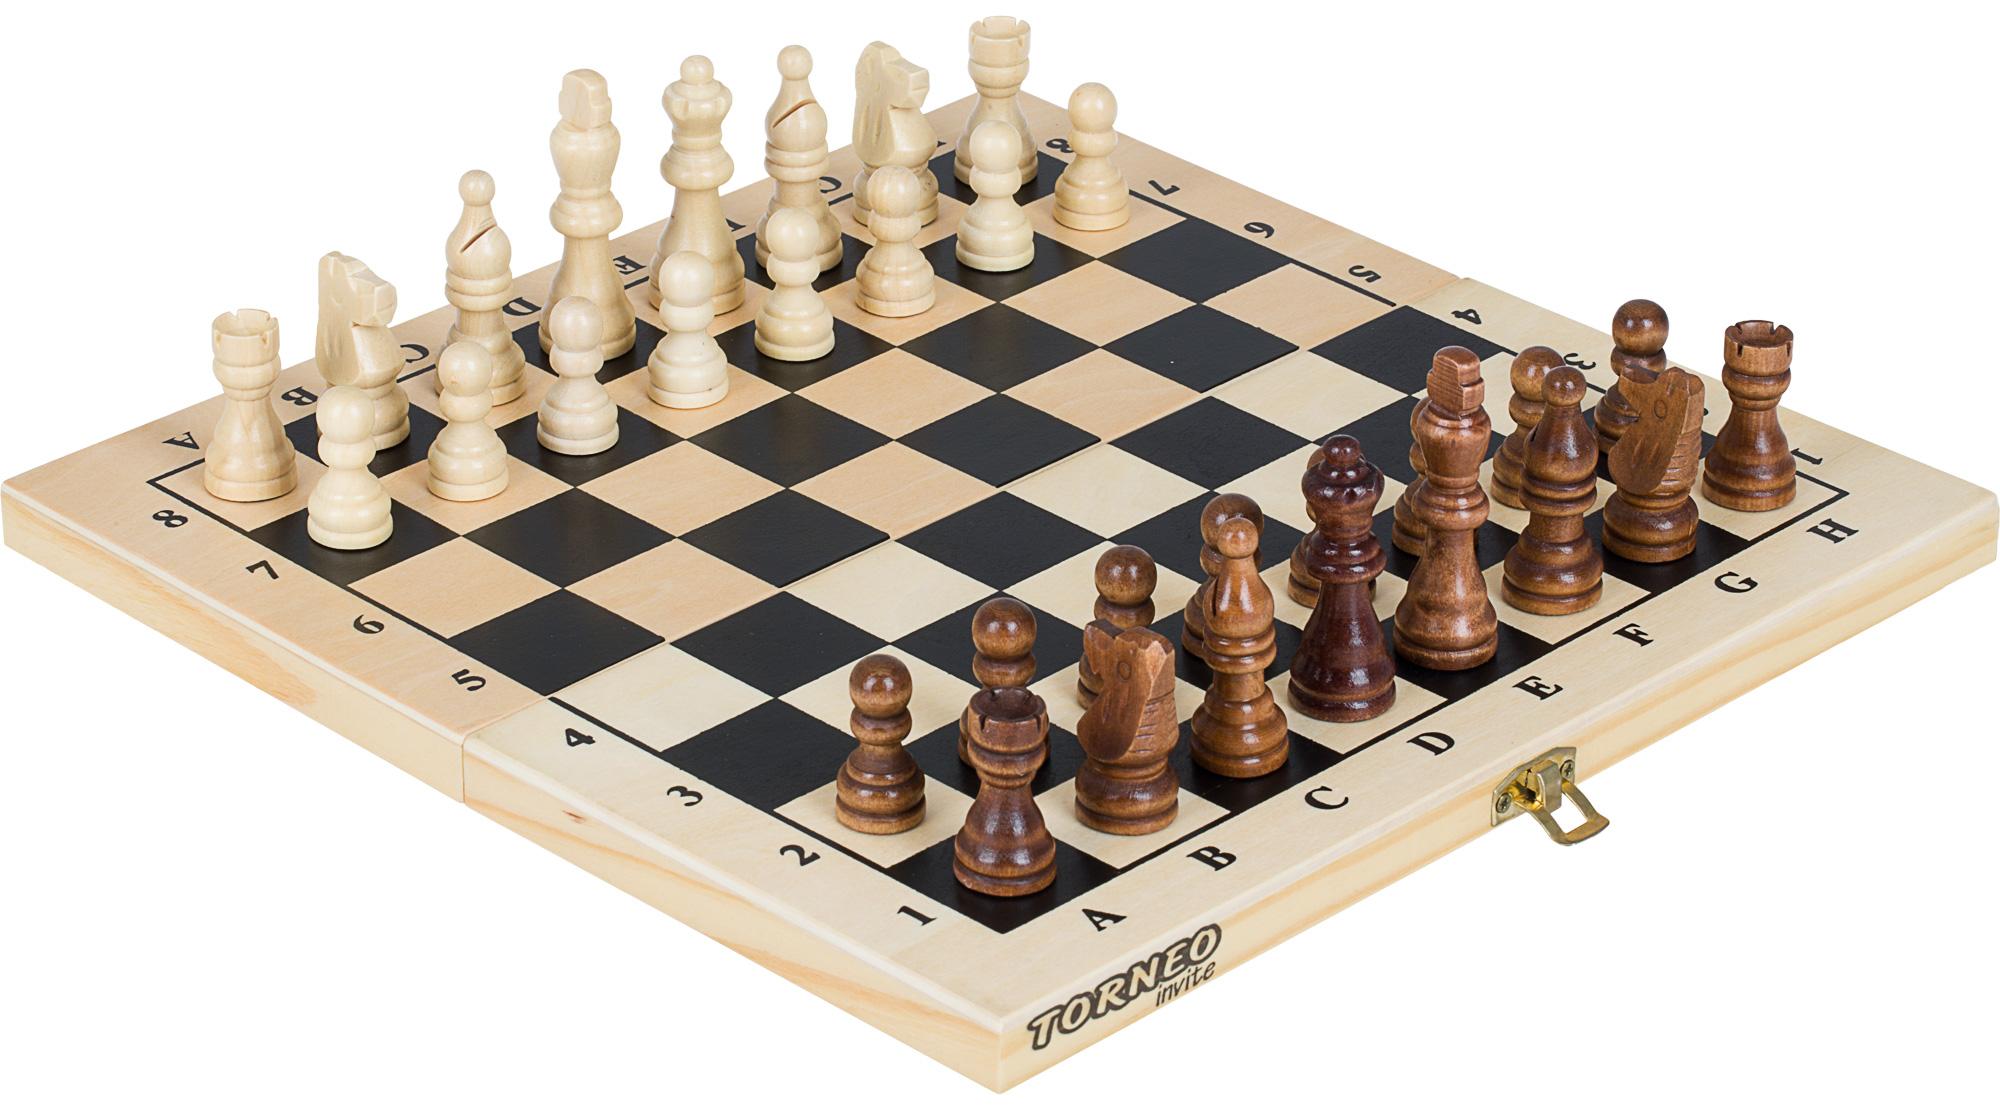 Torneo Настольная игра 2 в 1: шахматы, шашки